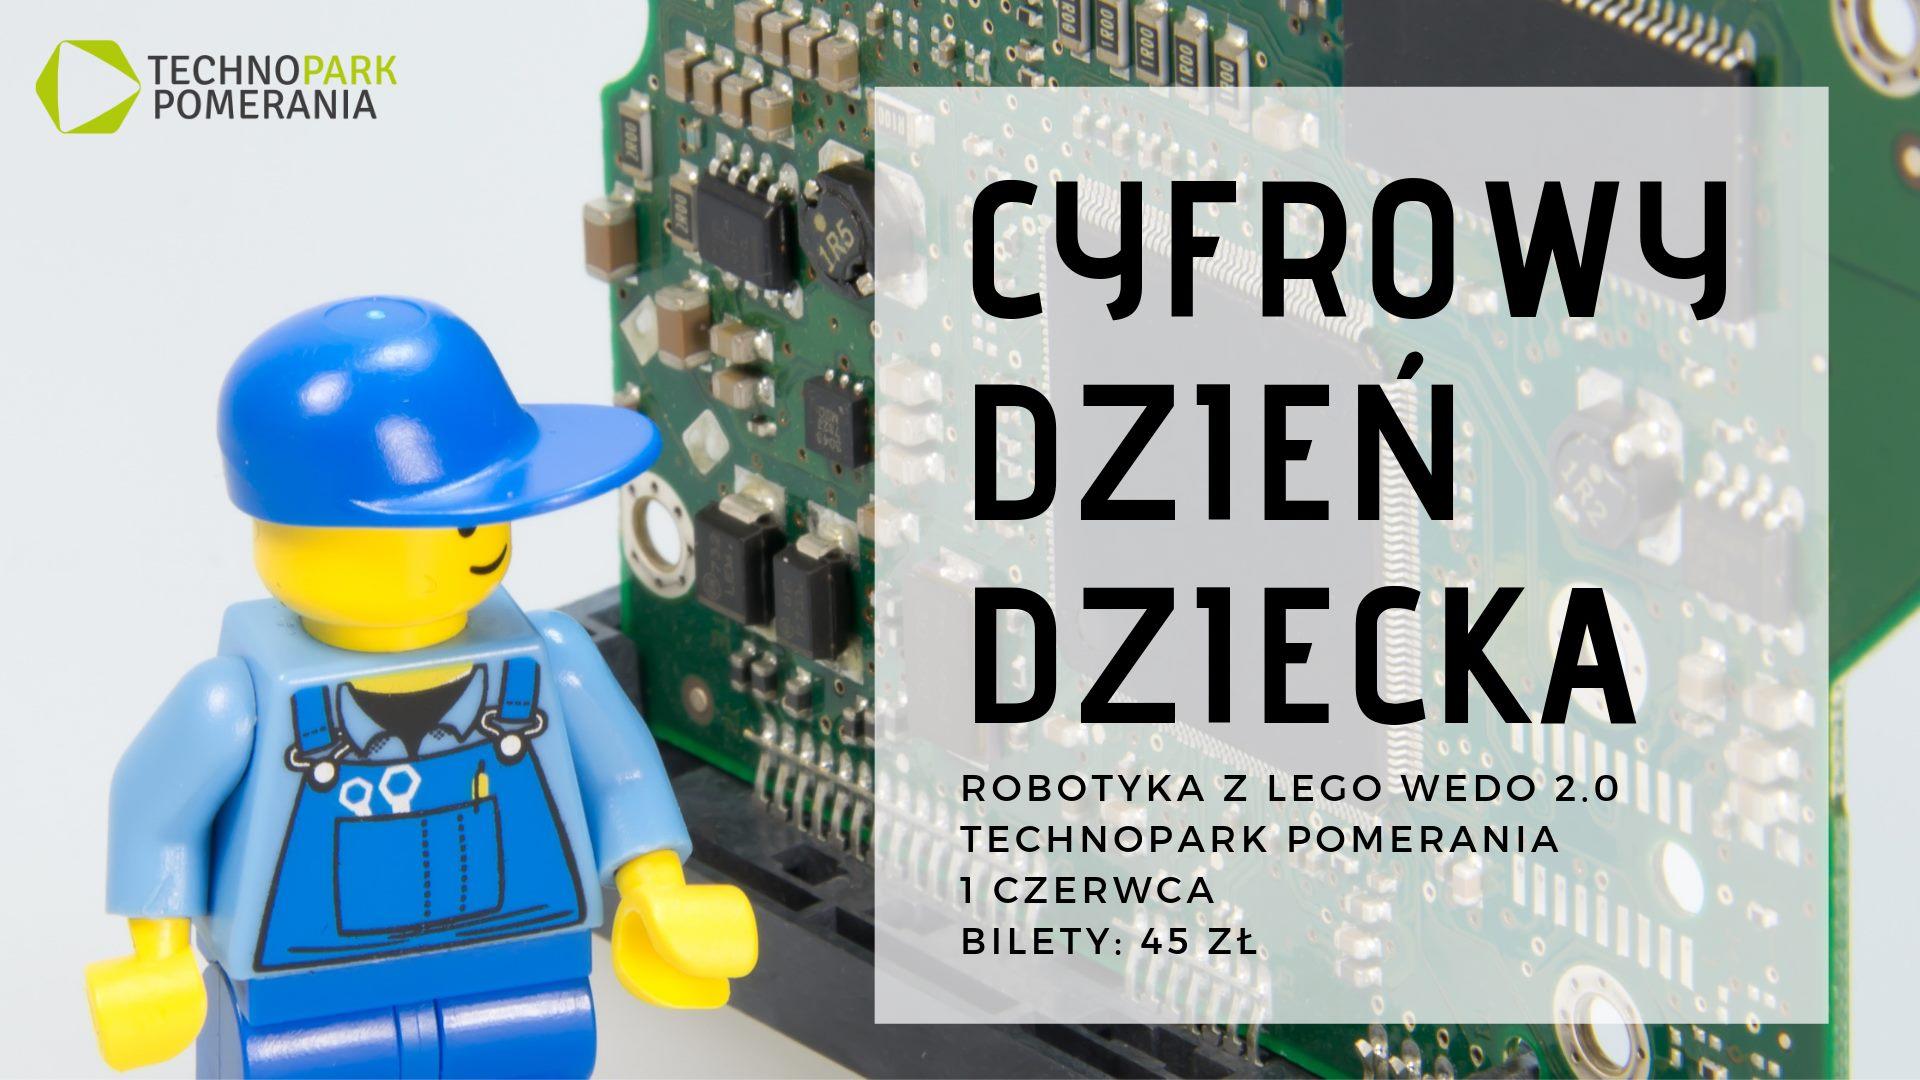 Cyfrowy Dzień Dziecka - Robotyka Lego WeDo 2.0